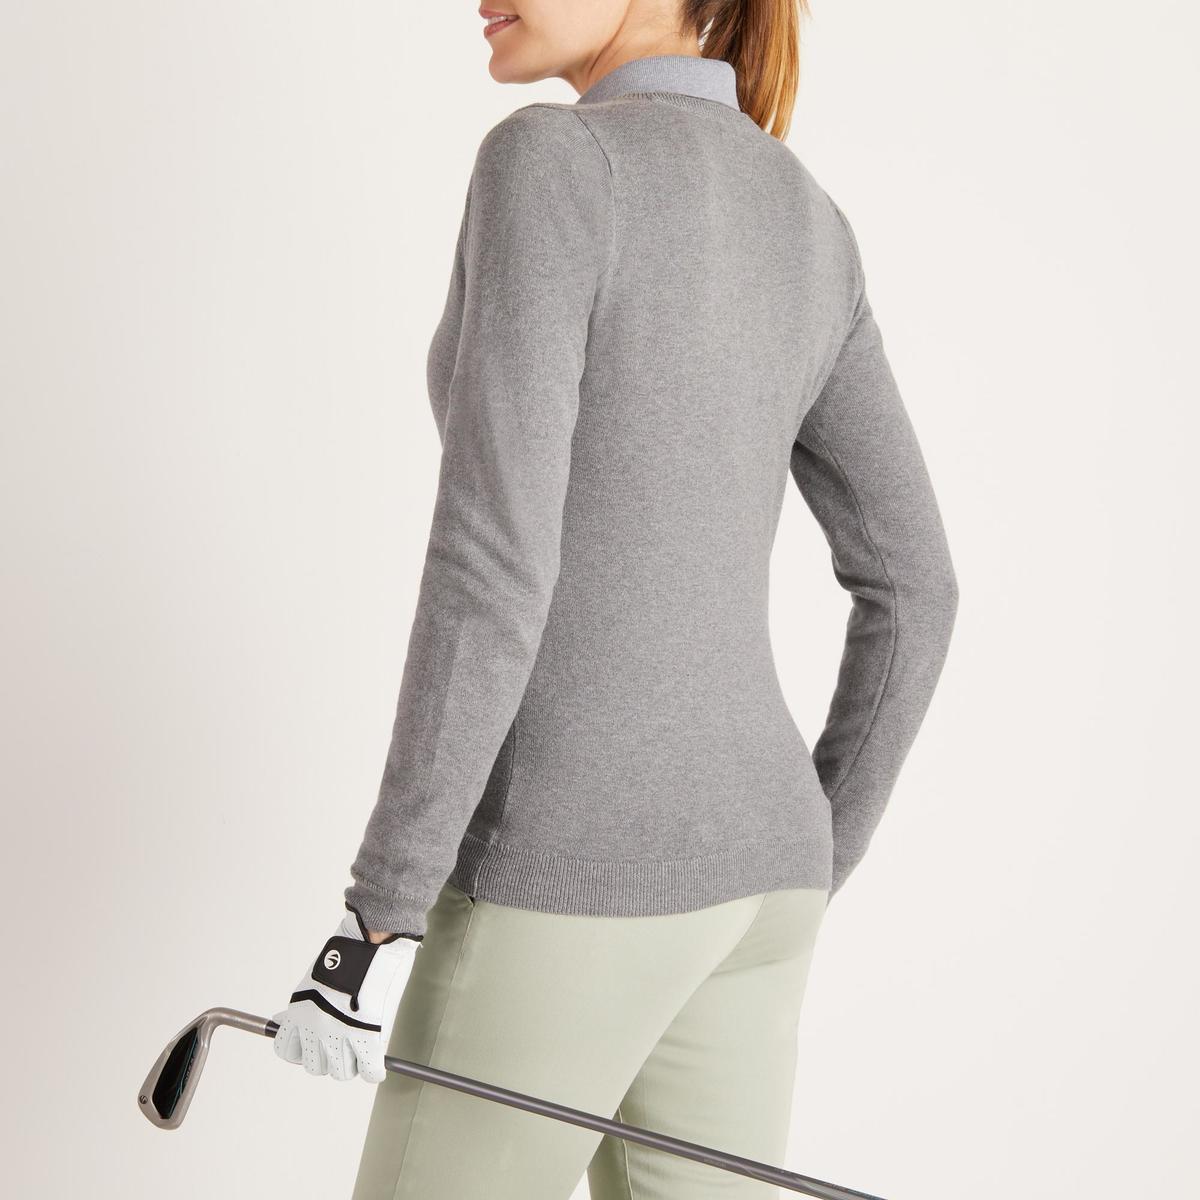 Bild 4 von Golf Pullover Damen grau